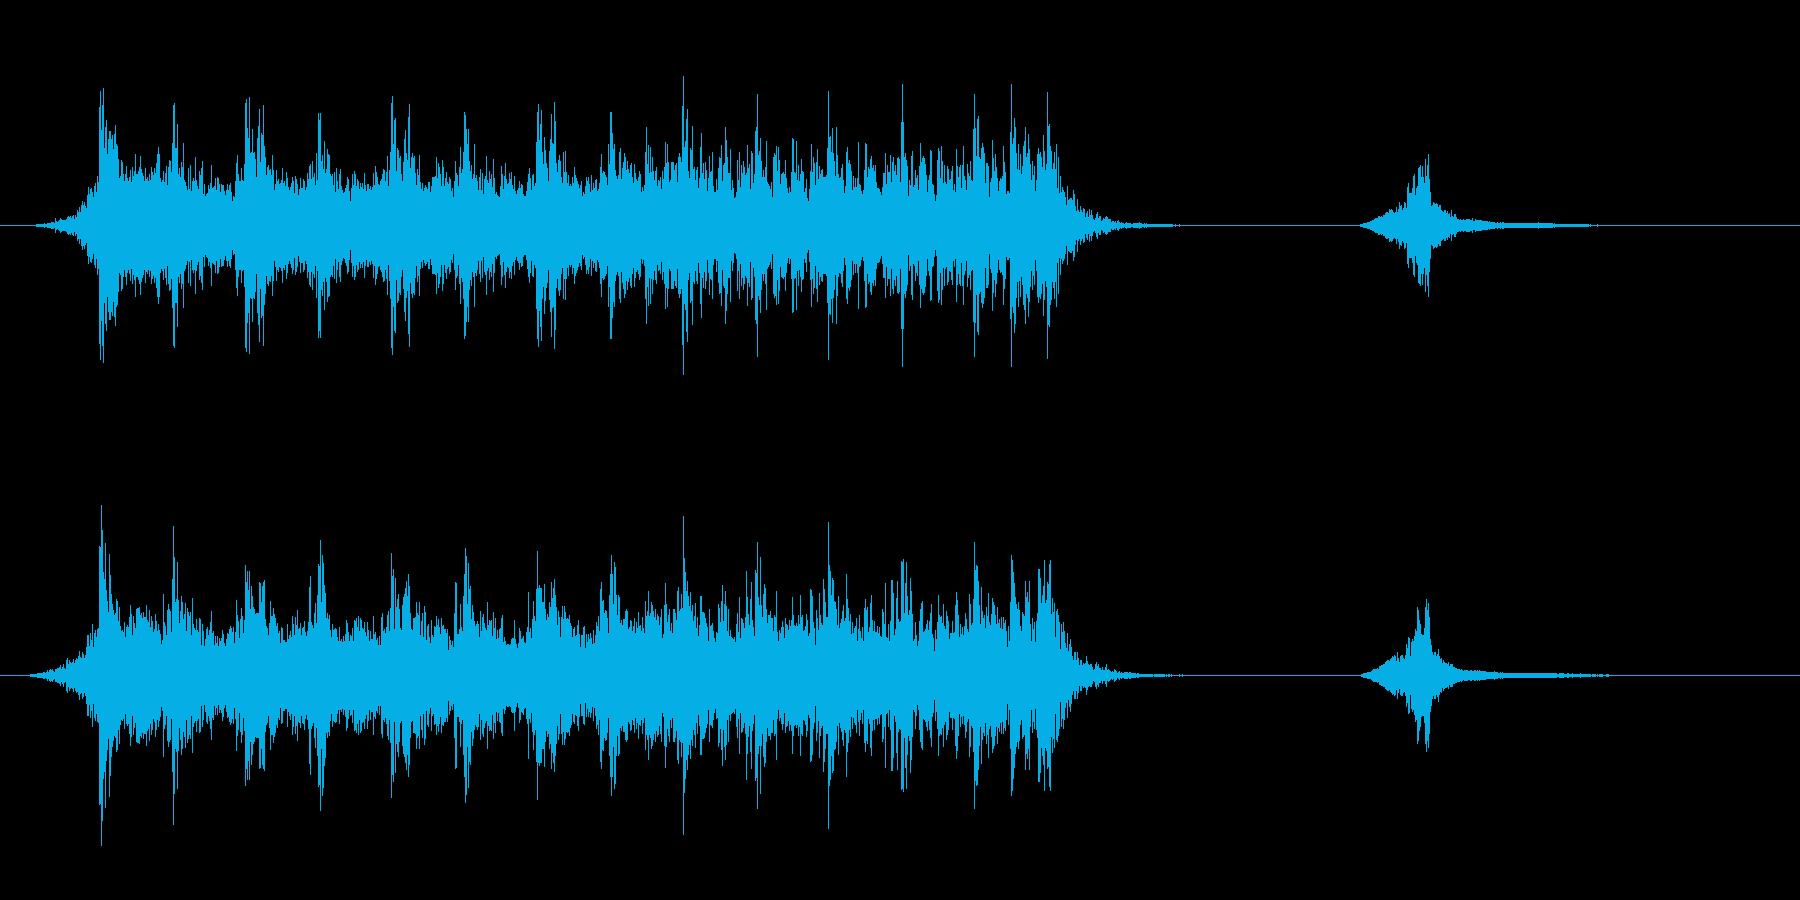 緊迫感のある予告編風BGMの再生済みの波形